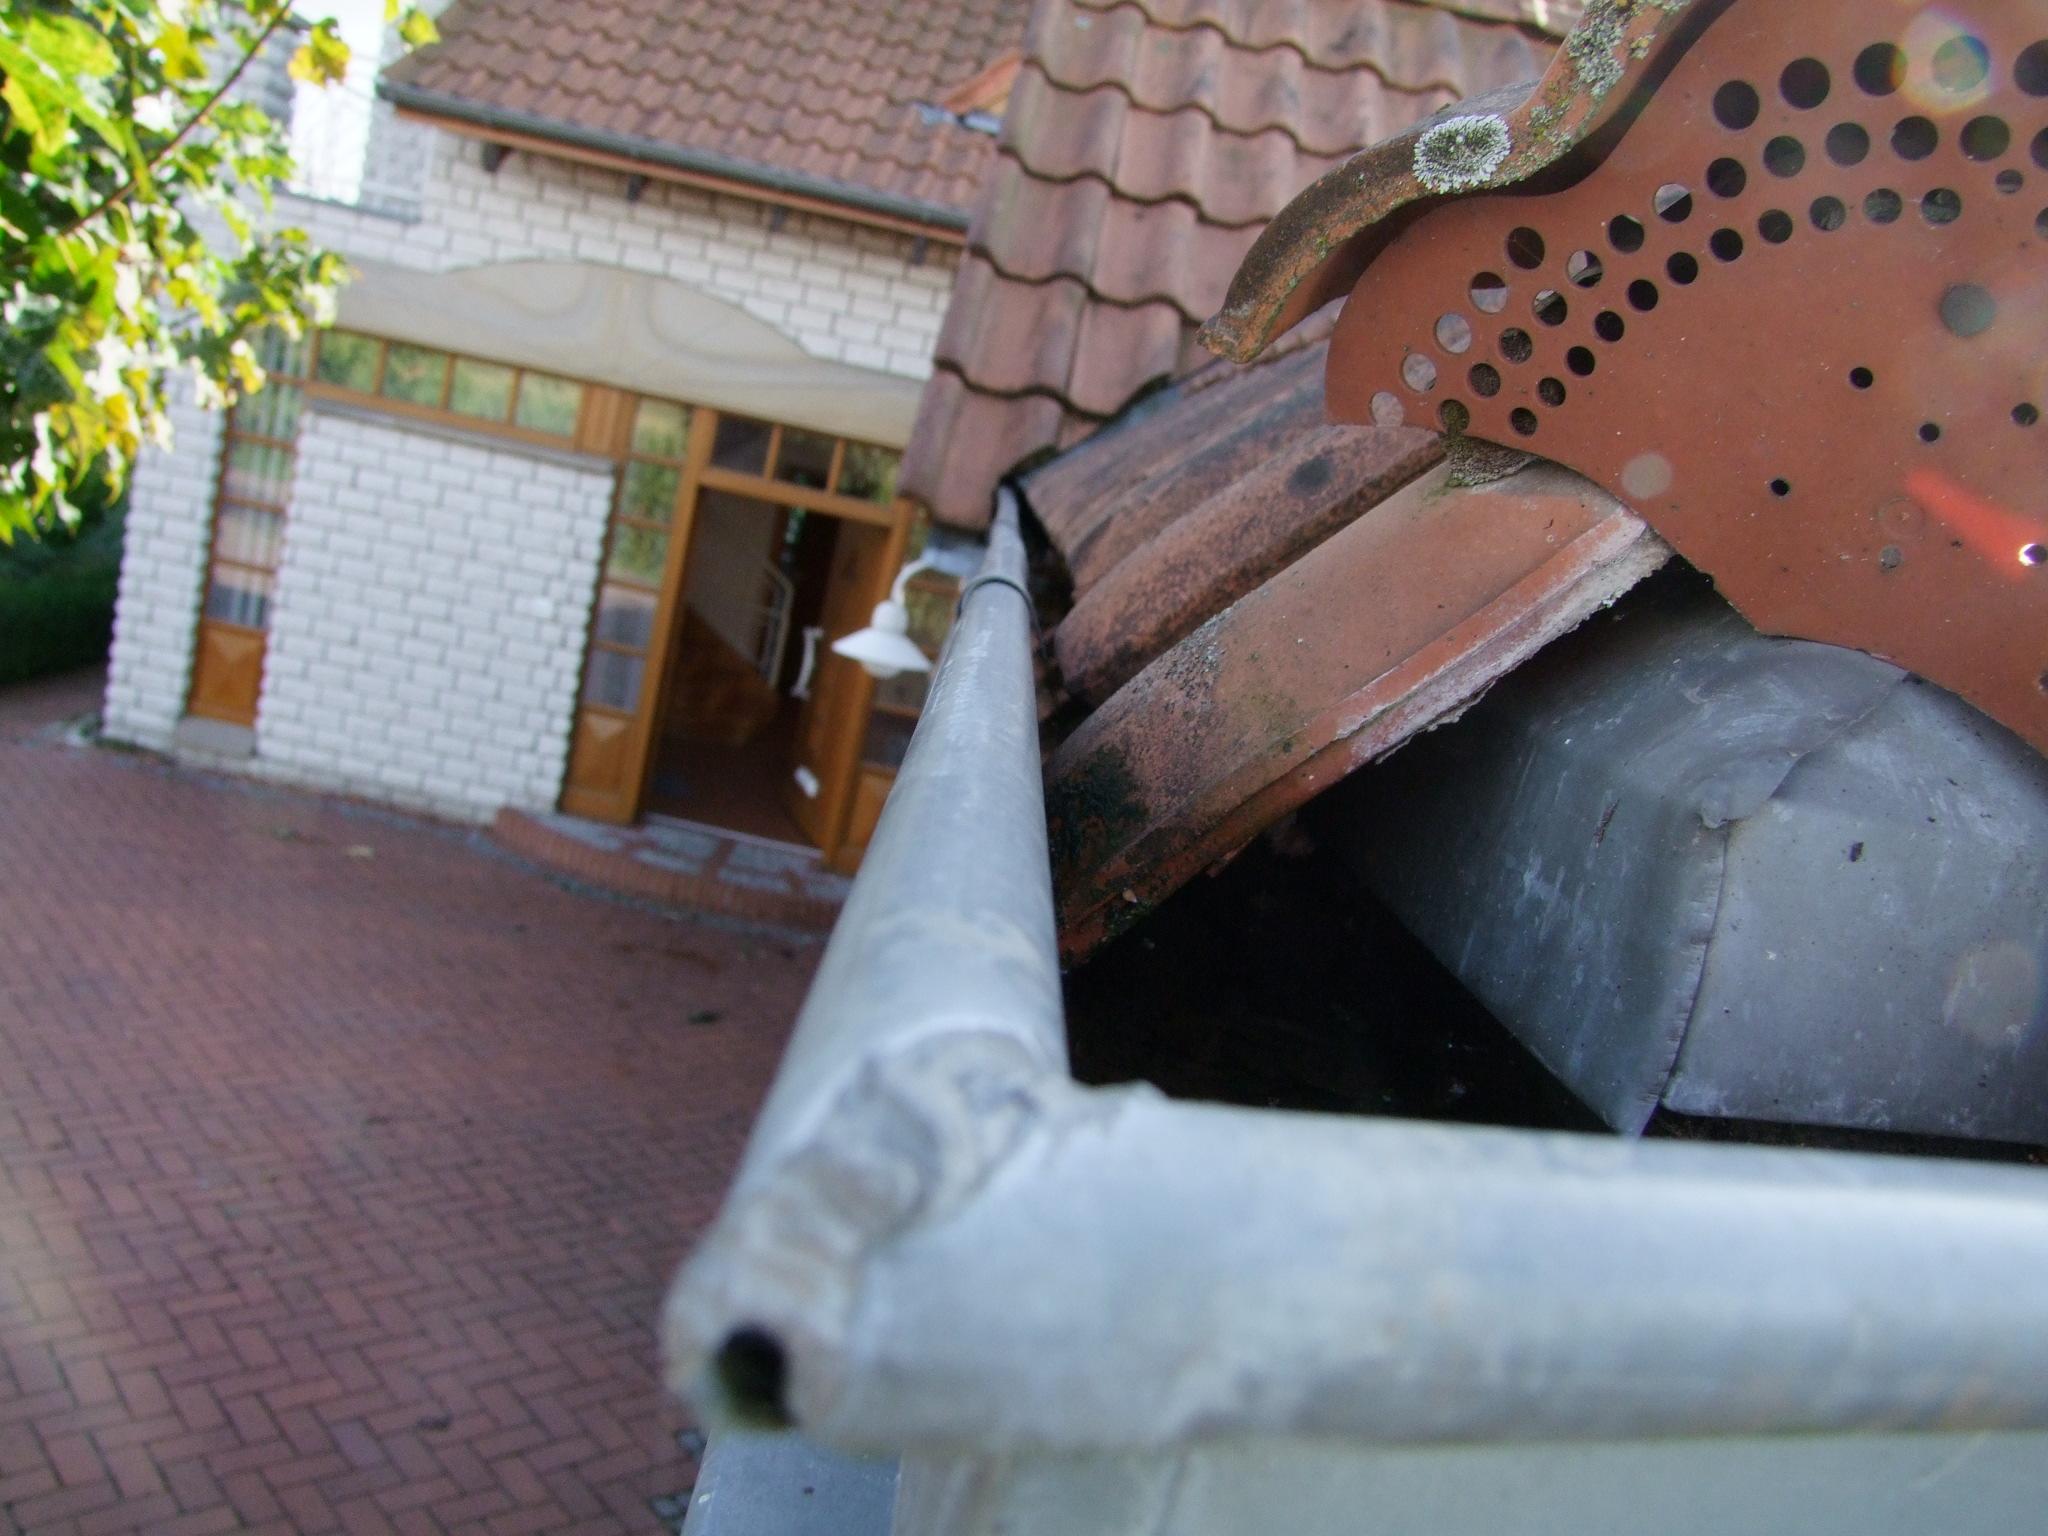 Ihr Partner bei Pfusch am Dach durch Dachhaie bzw. schlechte Dachdeckerarbeiten. - Bausachverständiger Gutachter Sachverständiger Gutachten für Bauschäden Baumängel Baubegleitung Bauabnahme Blowerdoor Test Feuchtemessung Baugutachten Bauexperte Stuttgart